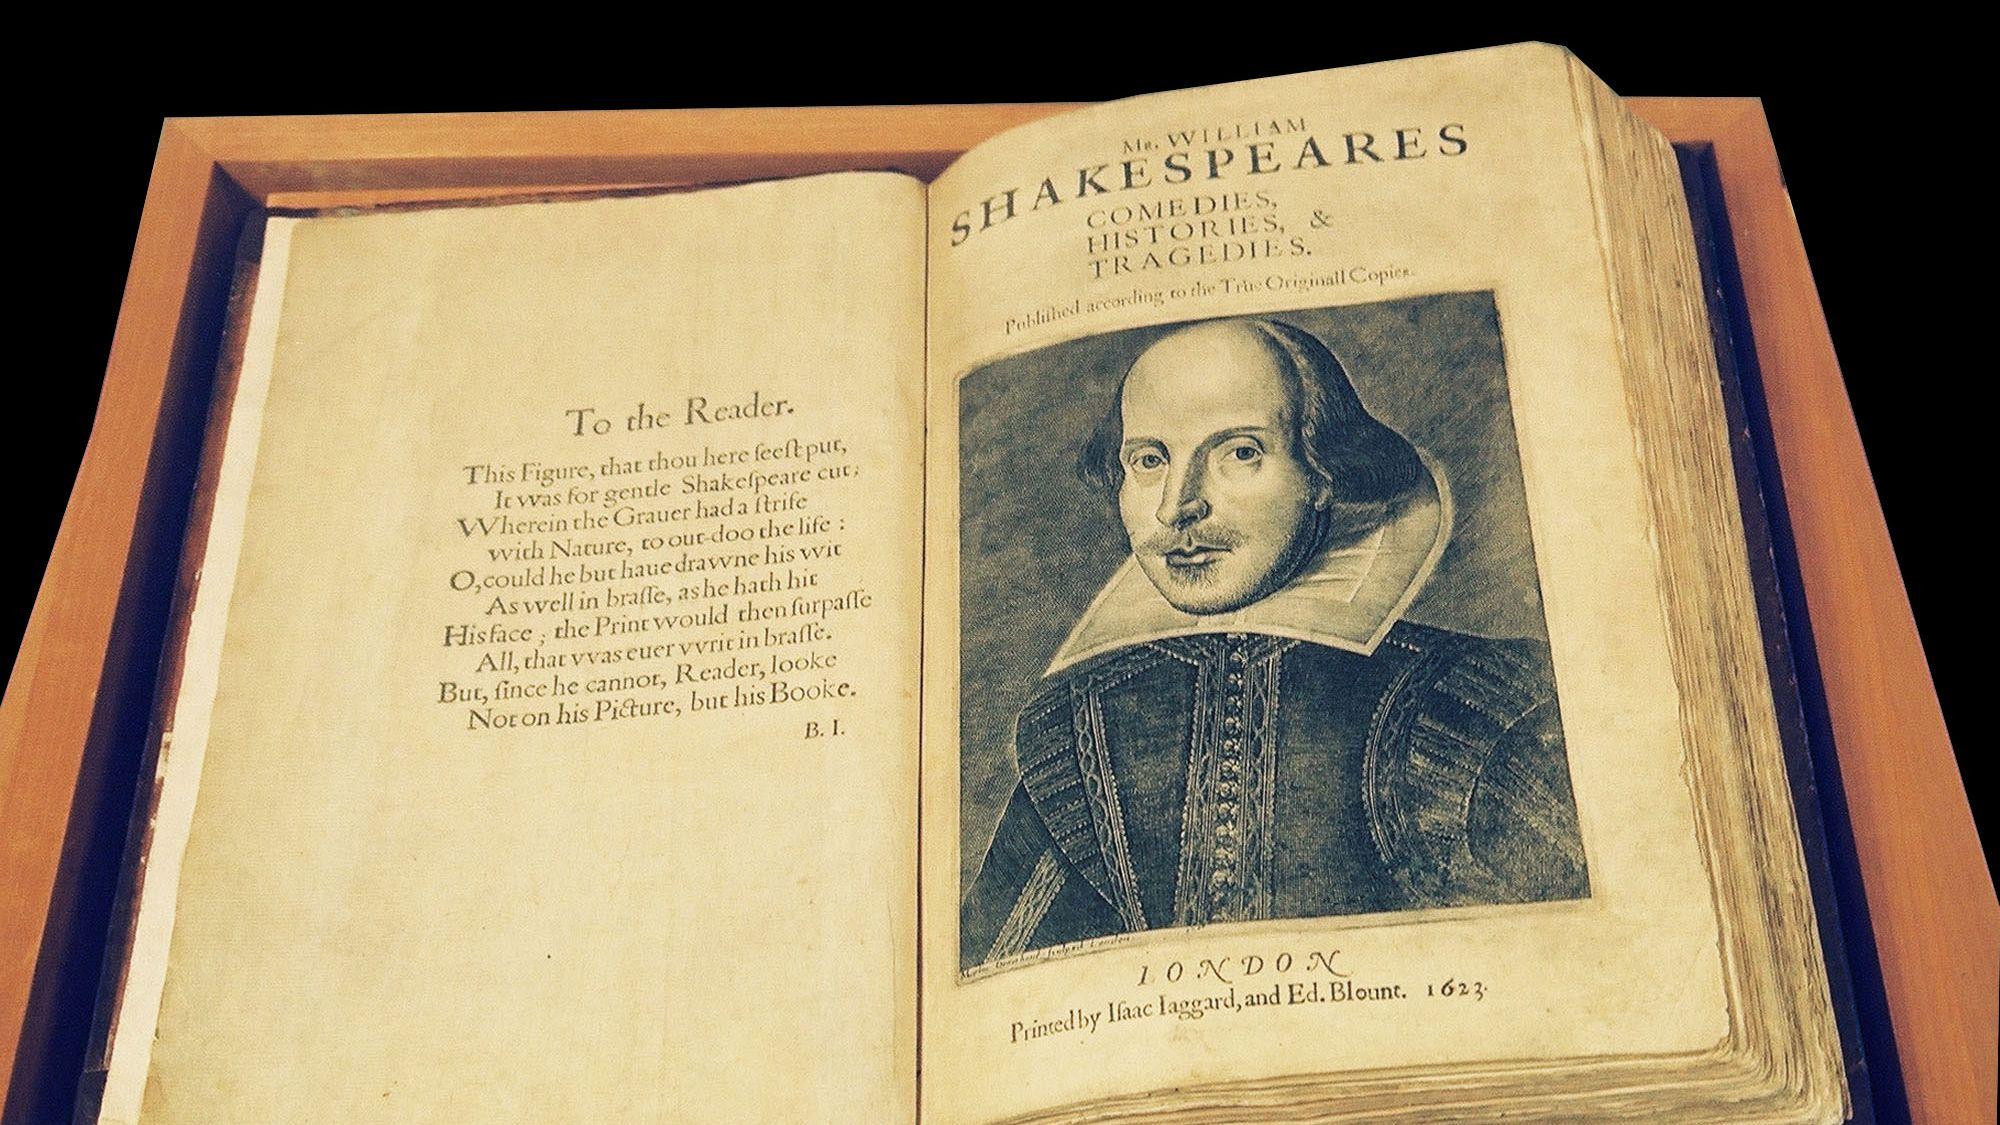 シェイクスピア『ヘンリー8世』の真の作者は誰か?機械学習で解明